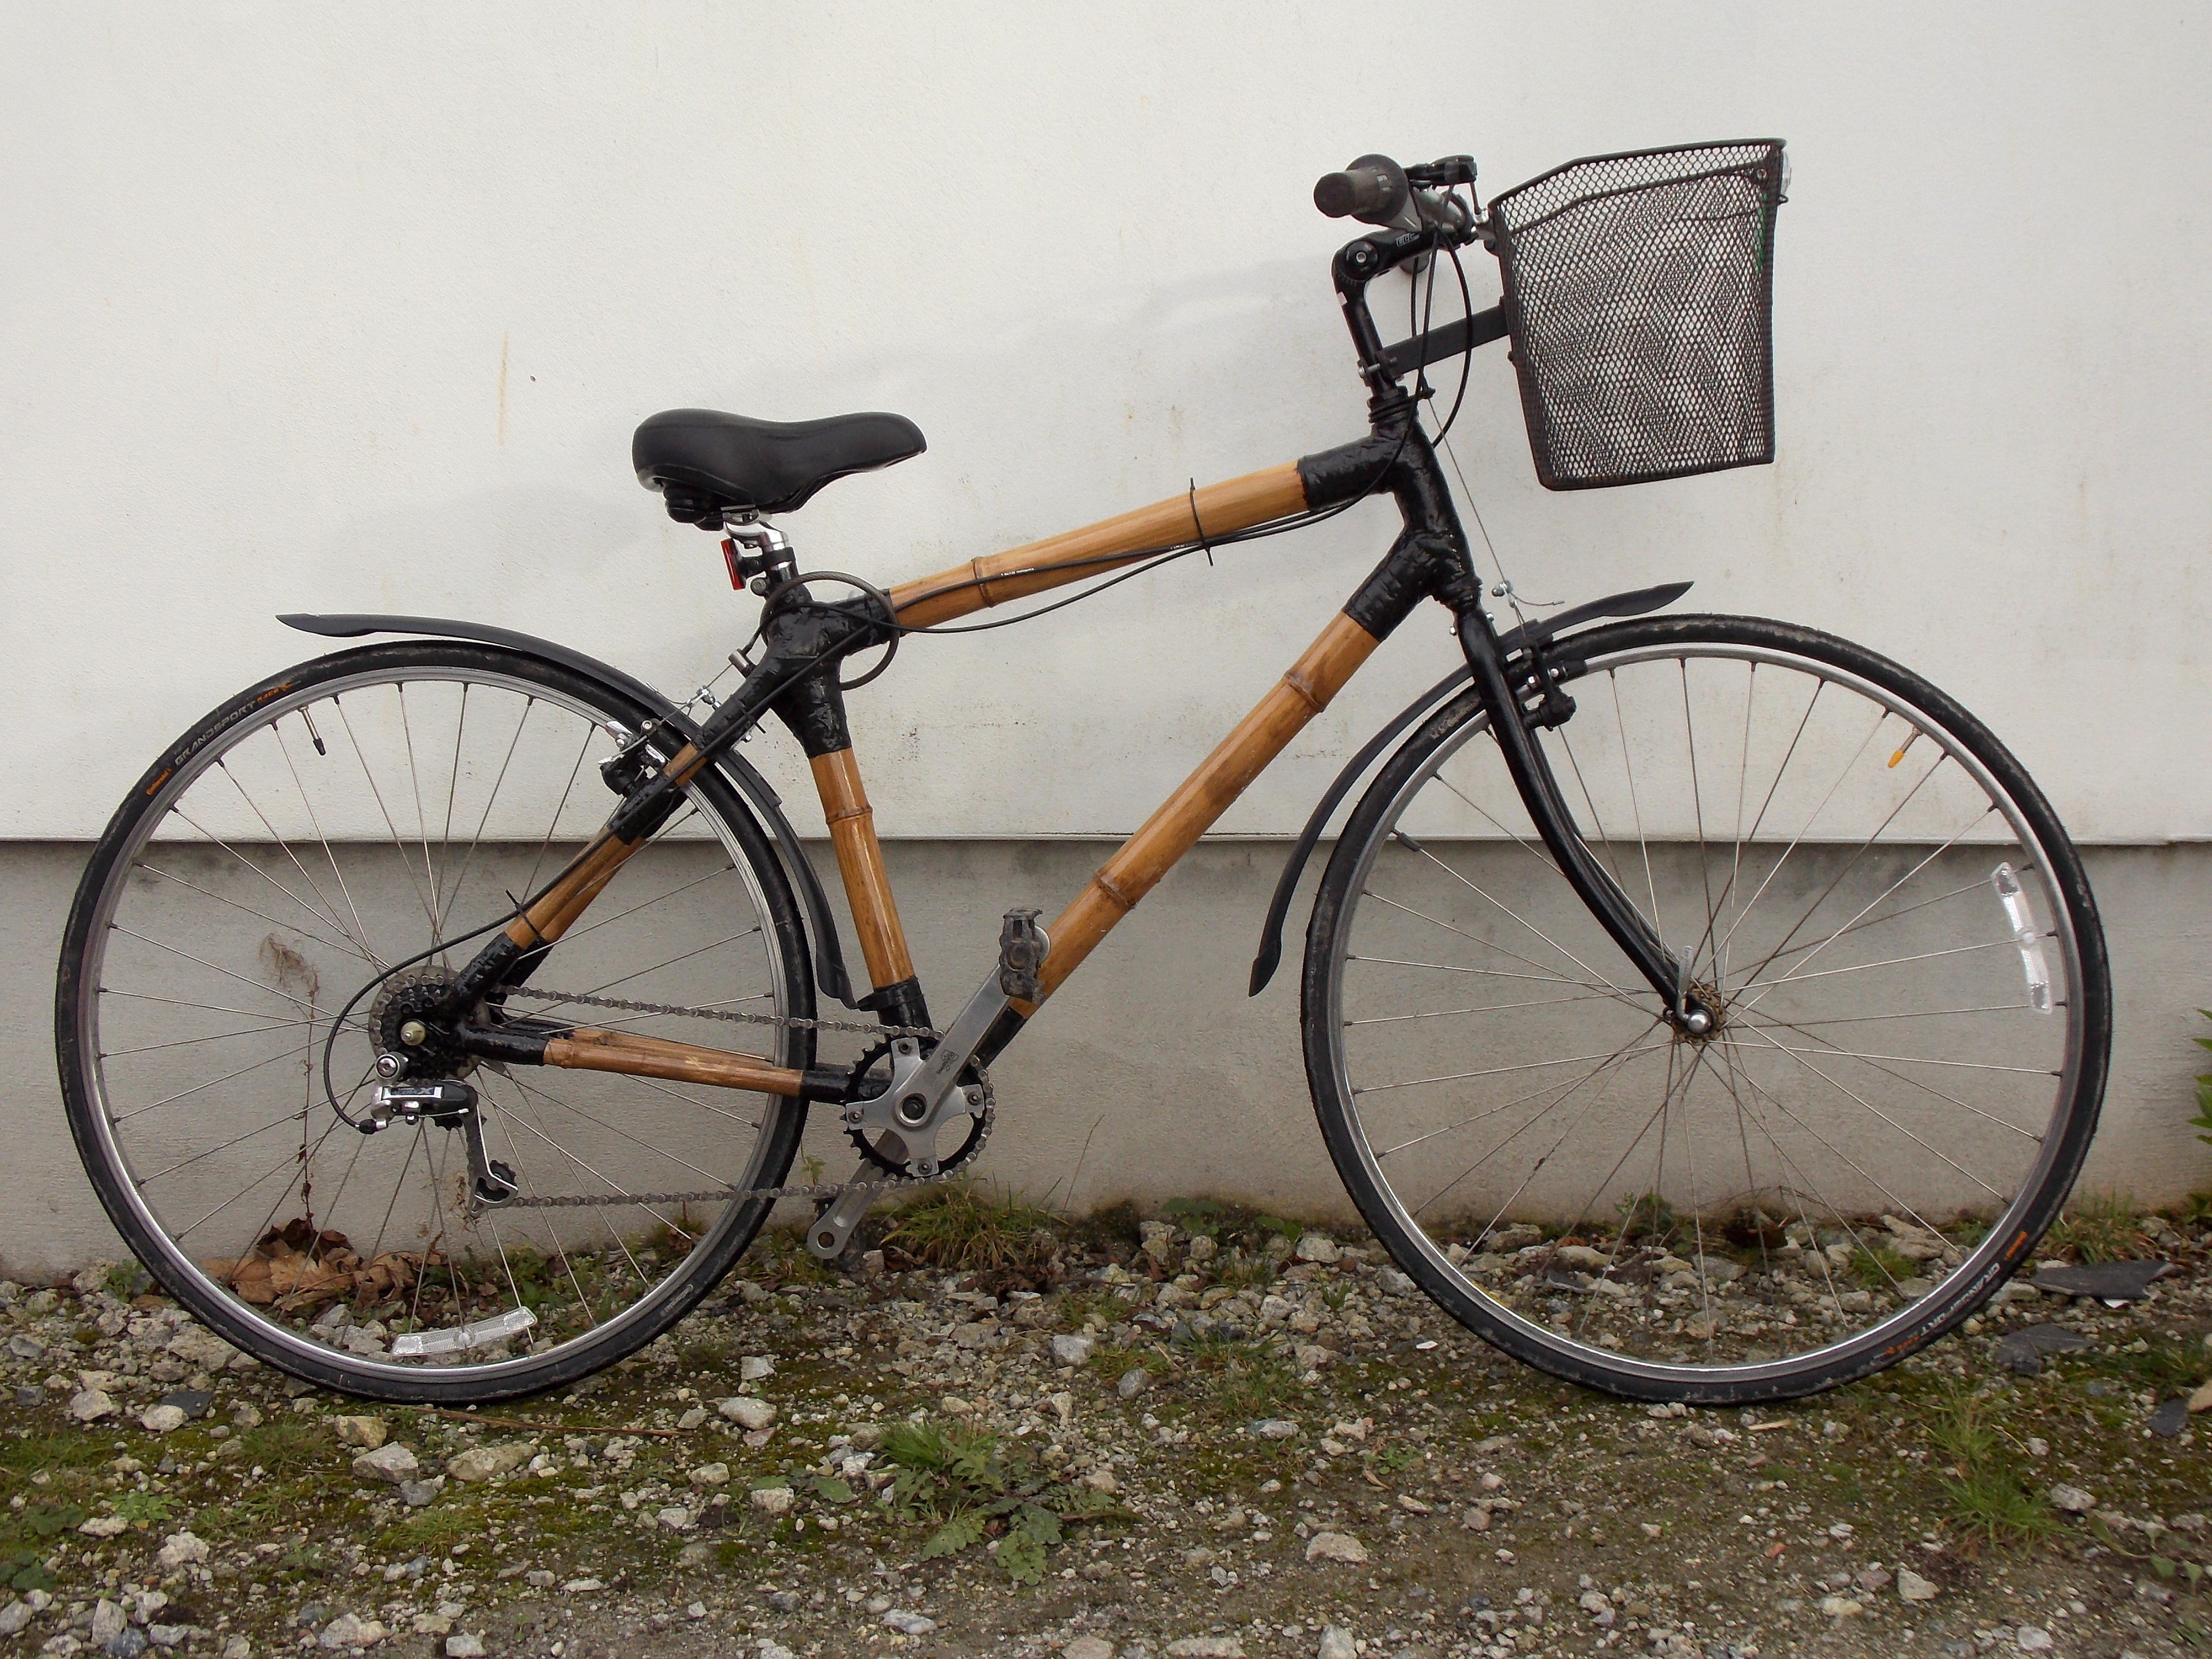 Bamboo-bike#2 Designer/maker Aaron and Miri Moore